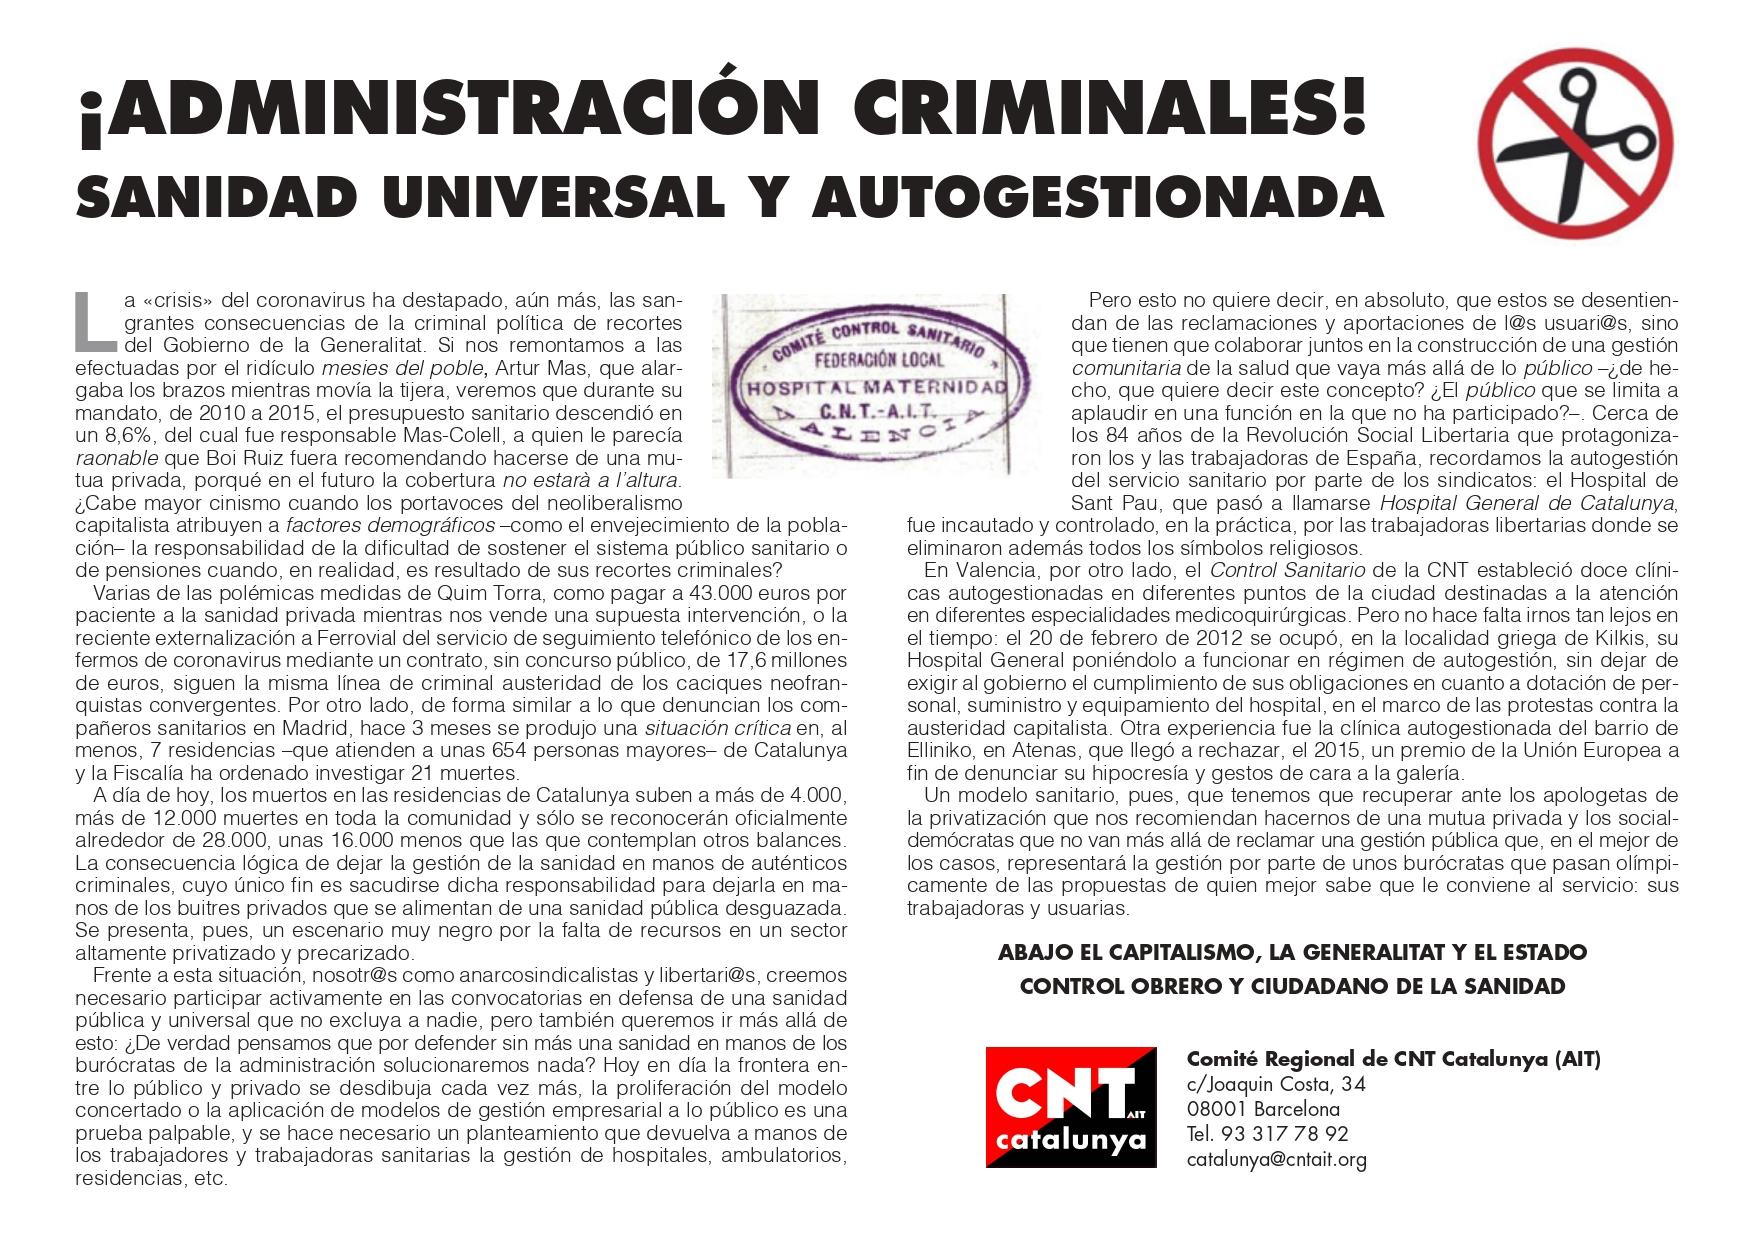 Octavilla Recortes Sanidad (CNT) (castellano)_page-0001.jpg